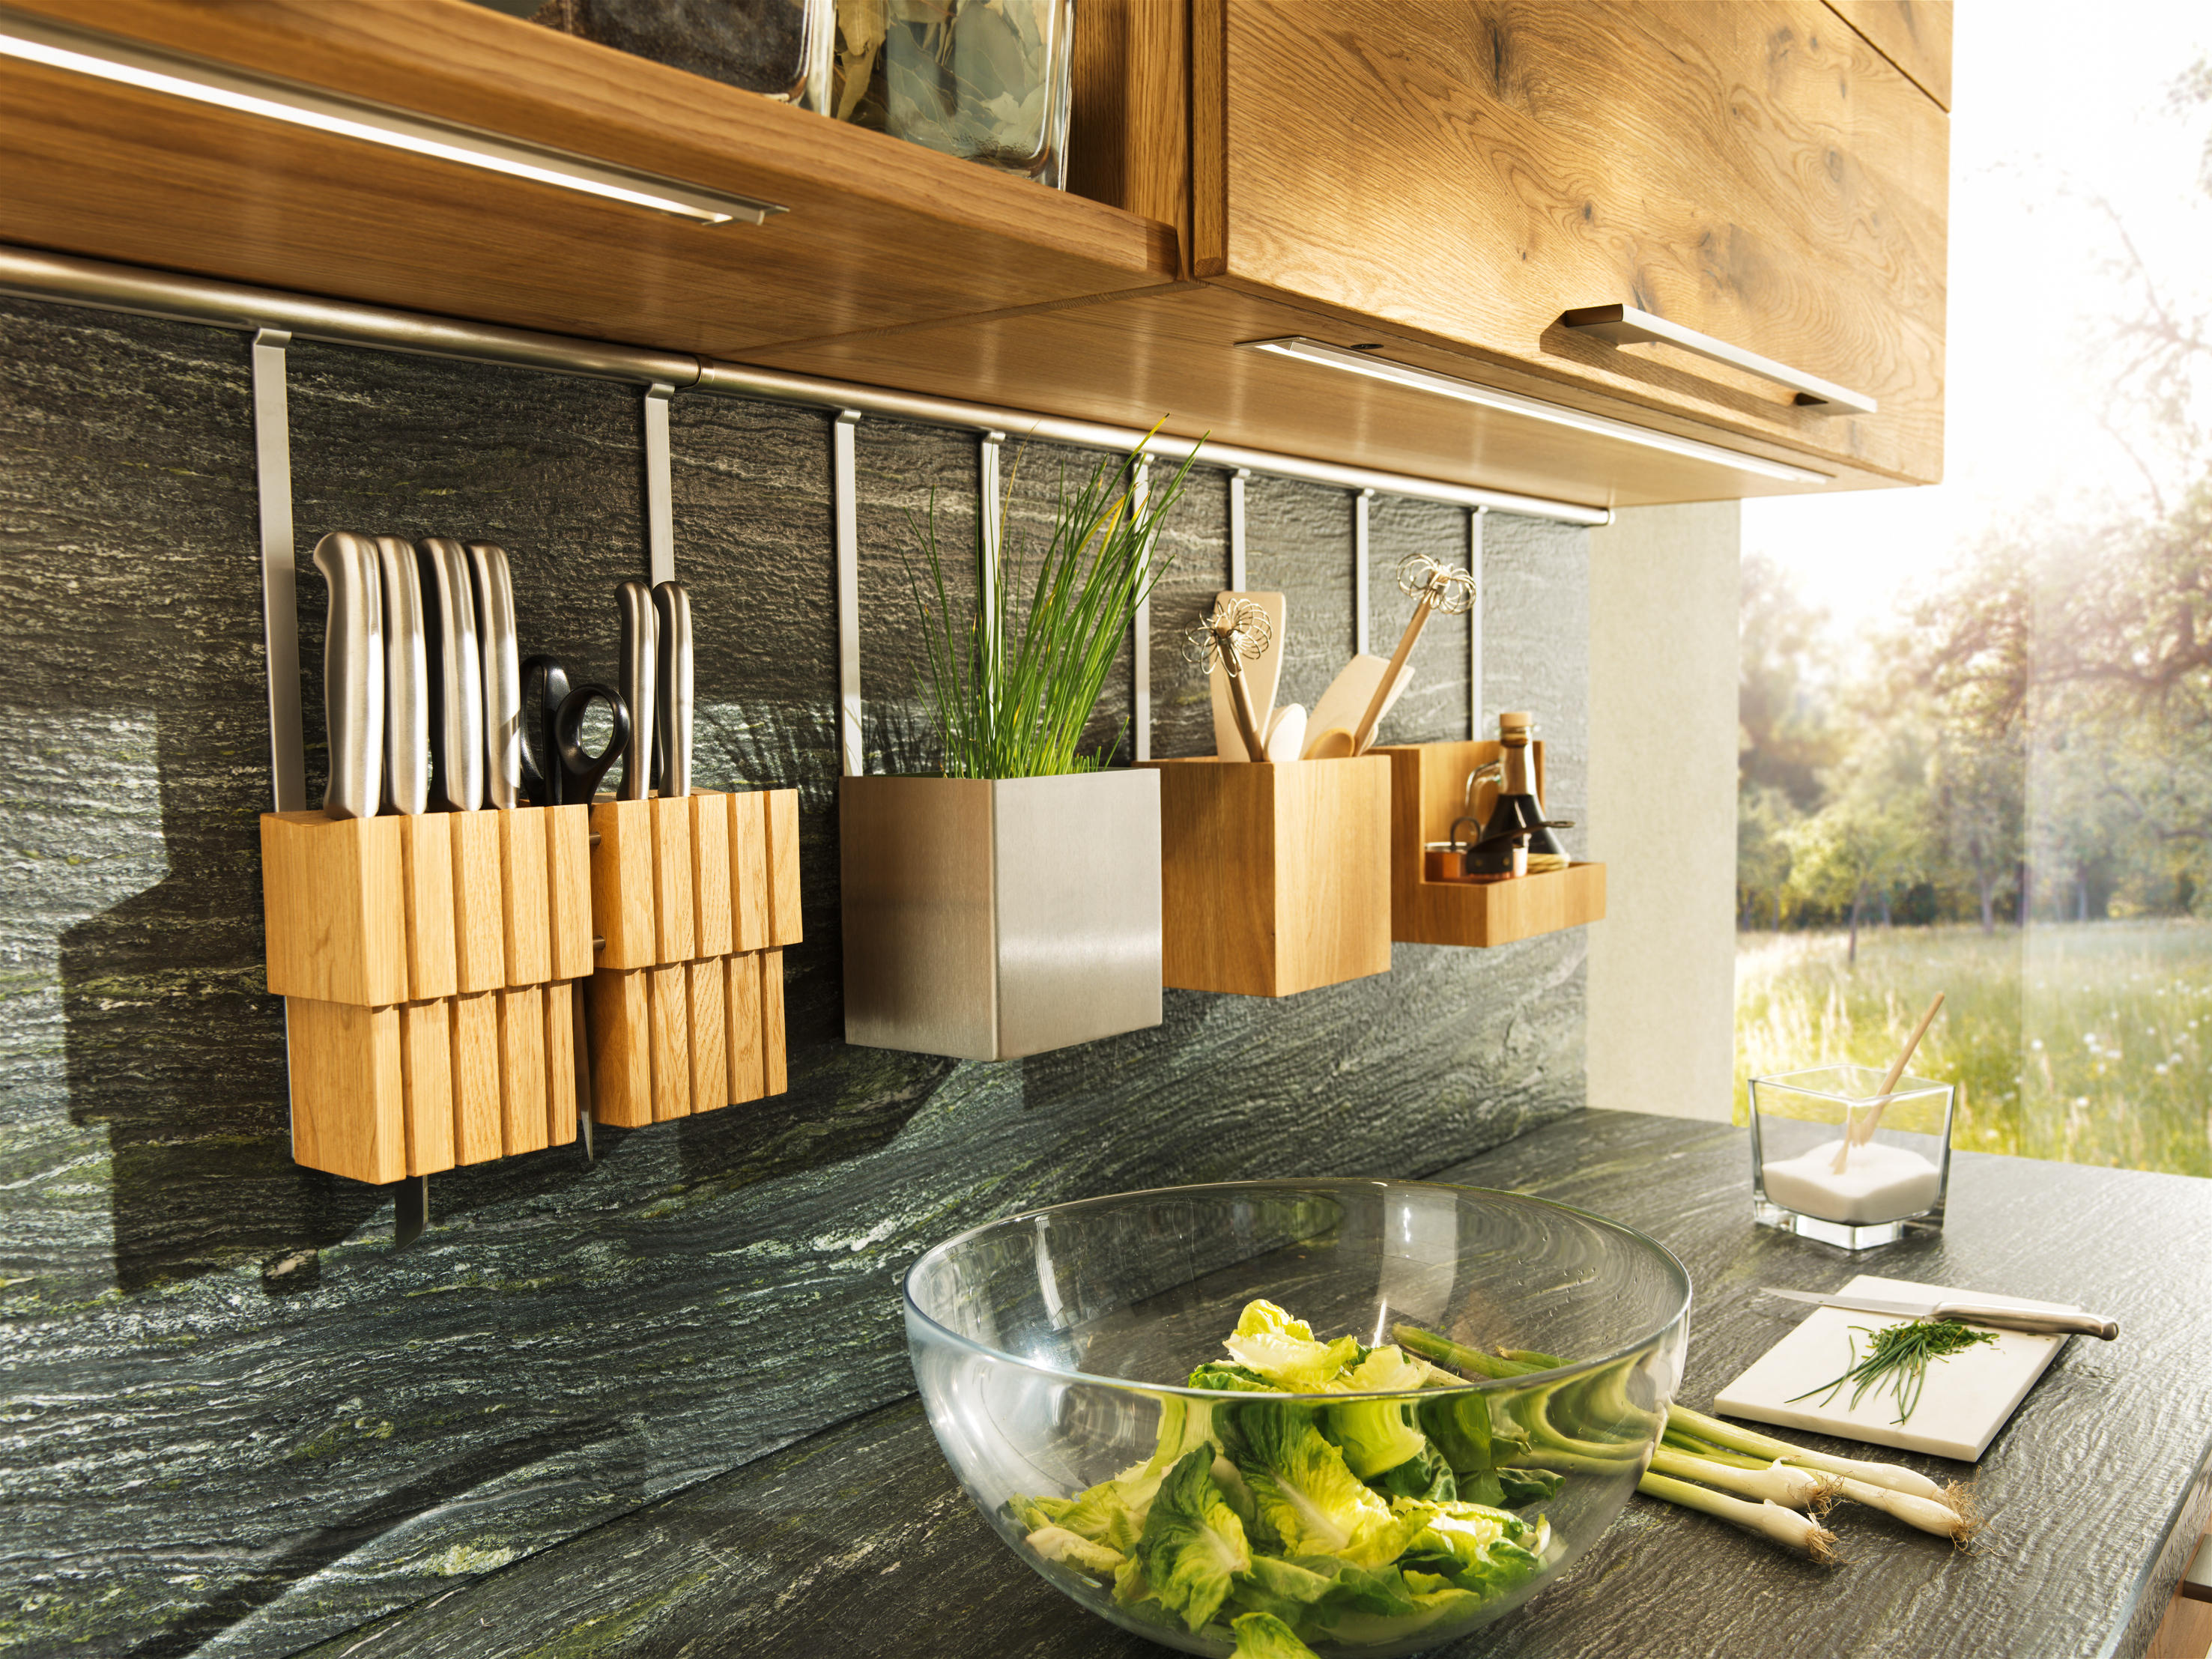 loft kÜche - einbauküchen von team 7 | architonic, Hause ideen